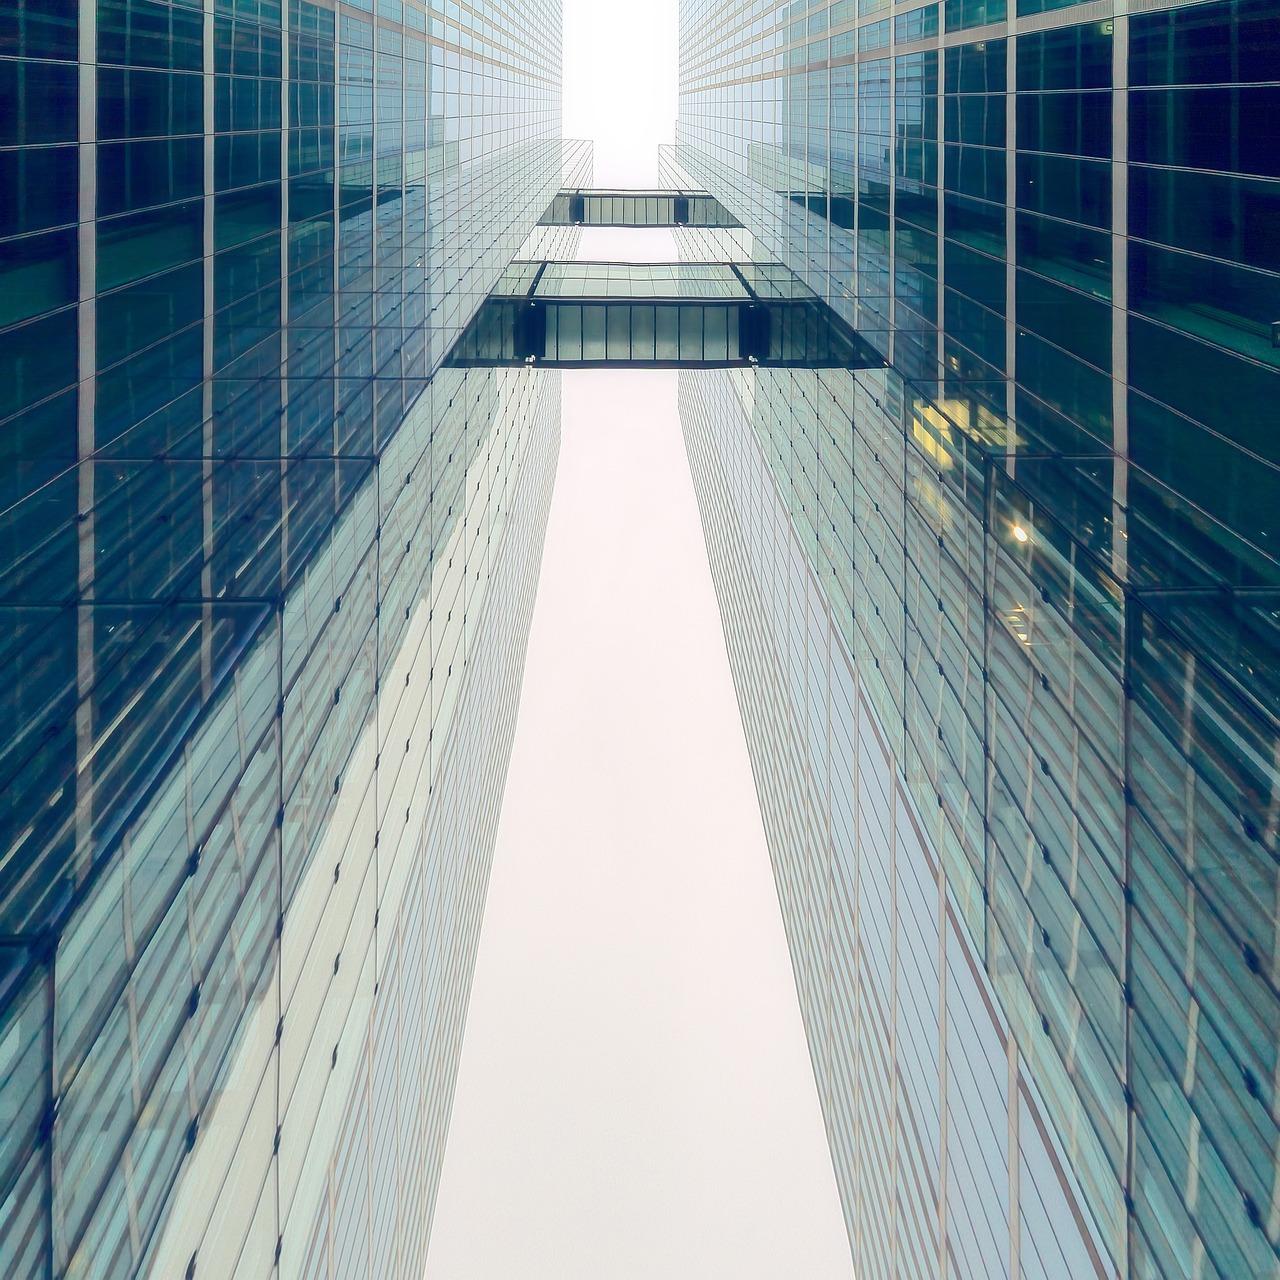 Nowoczesne balustrady ze szkła